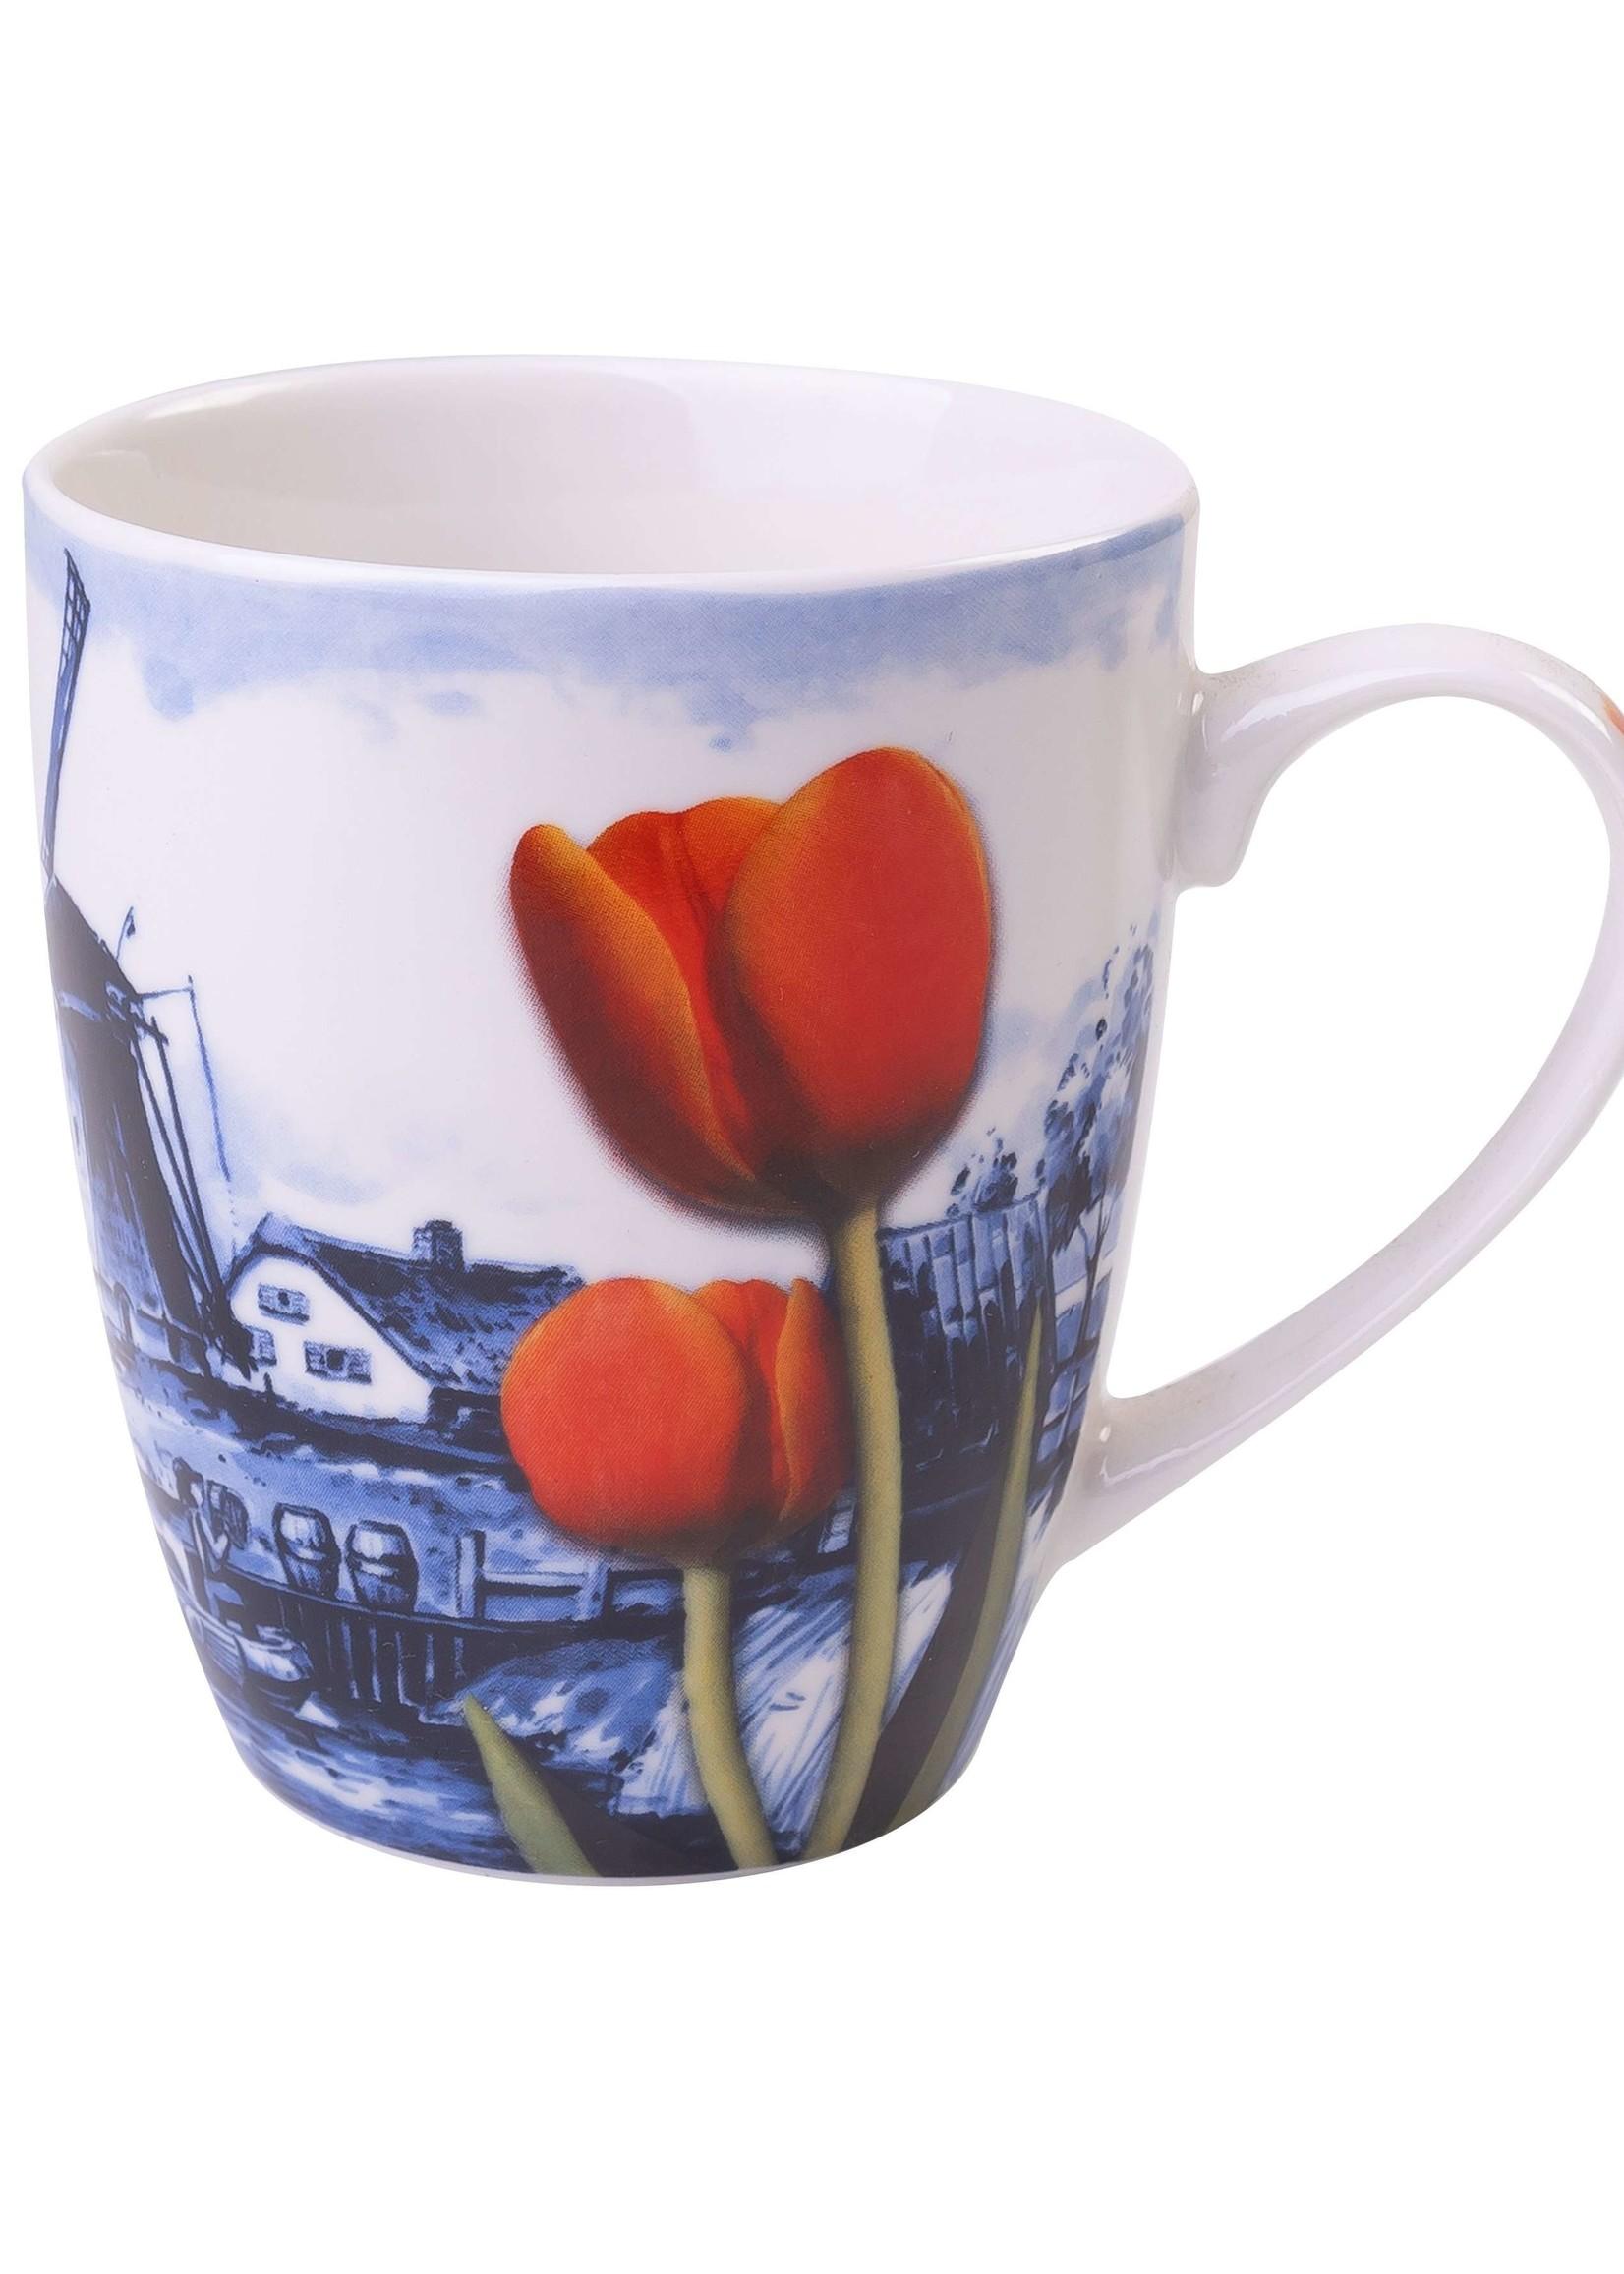 Heinen Delfts Blauw Delfts Blauwe Mok met een Landschap Met Windmolens en Tulpen, 300 ml